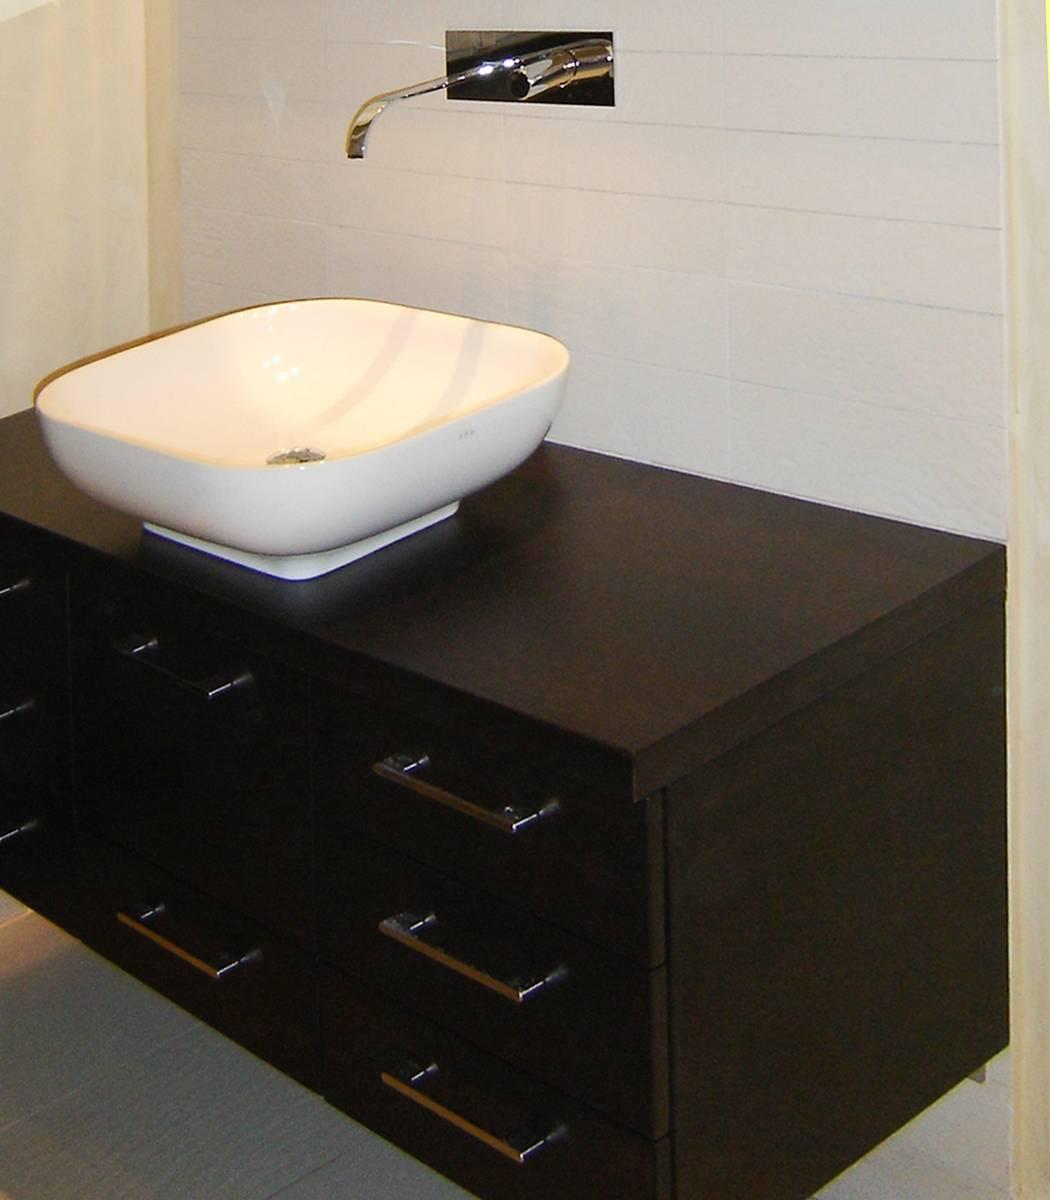 Bagni su misura cibi cucine bagni armadi e arredi su - Cibi per andare in bagno ...